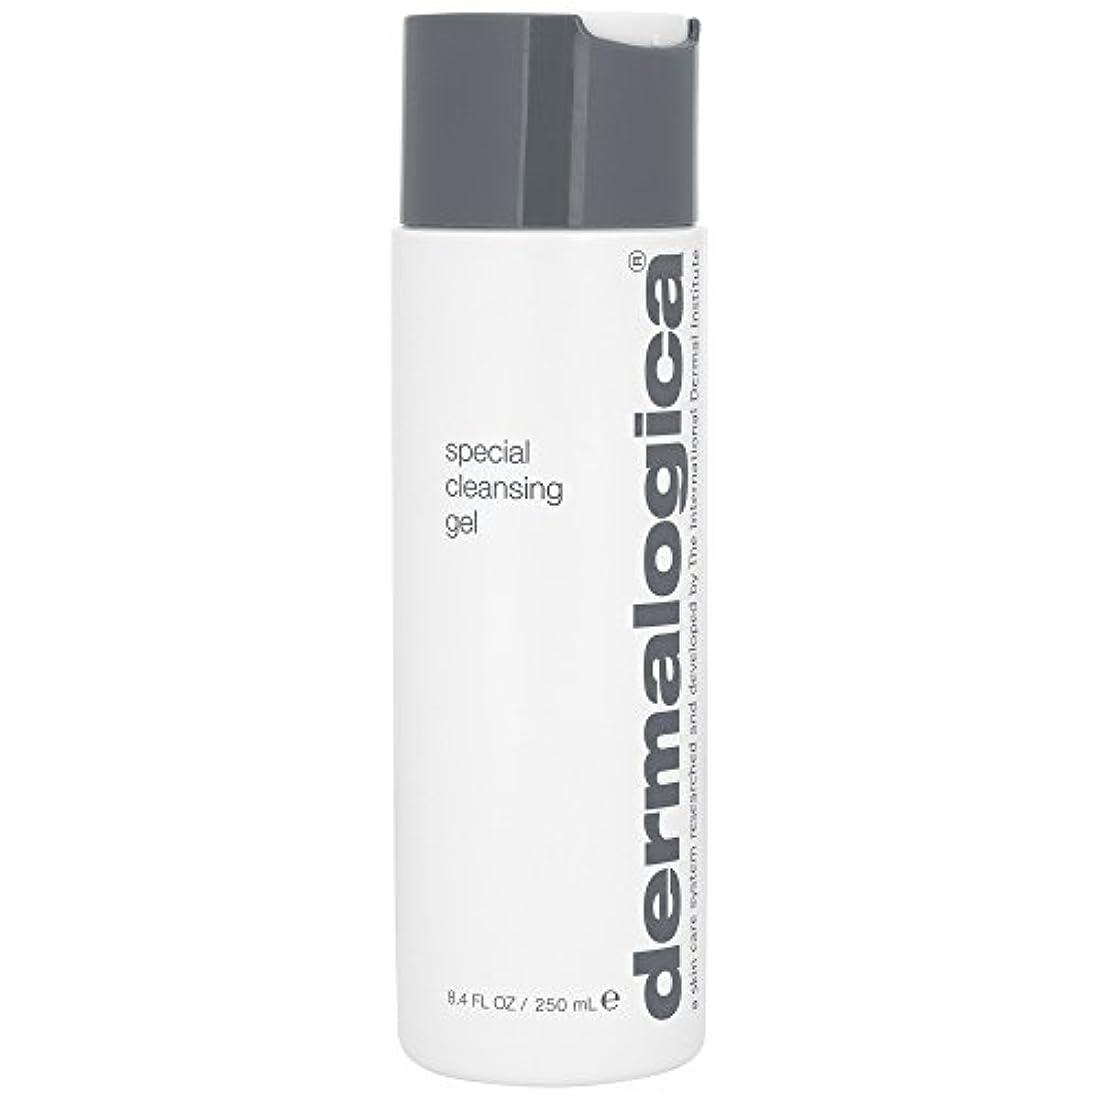 談話スパンフィクションダーマロジカ特別なクレンジングゲル250ミリリットル (Dermalogica) (x6) - Dermalogica Special Cleansing Gel 250ml (Pack of 6) [並行輸入品]